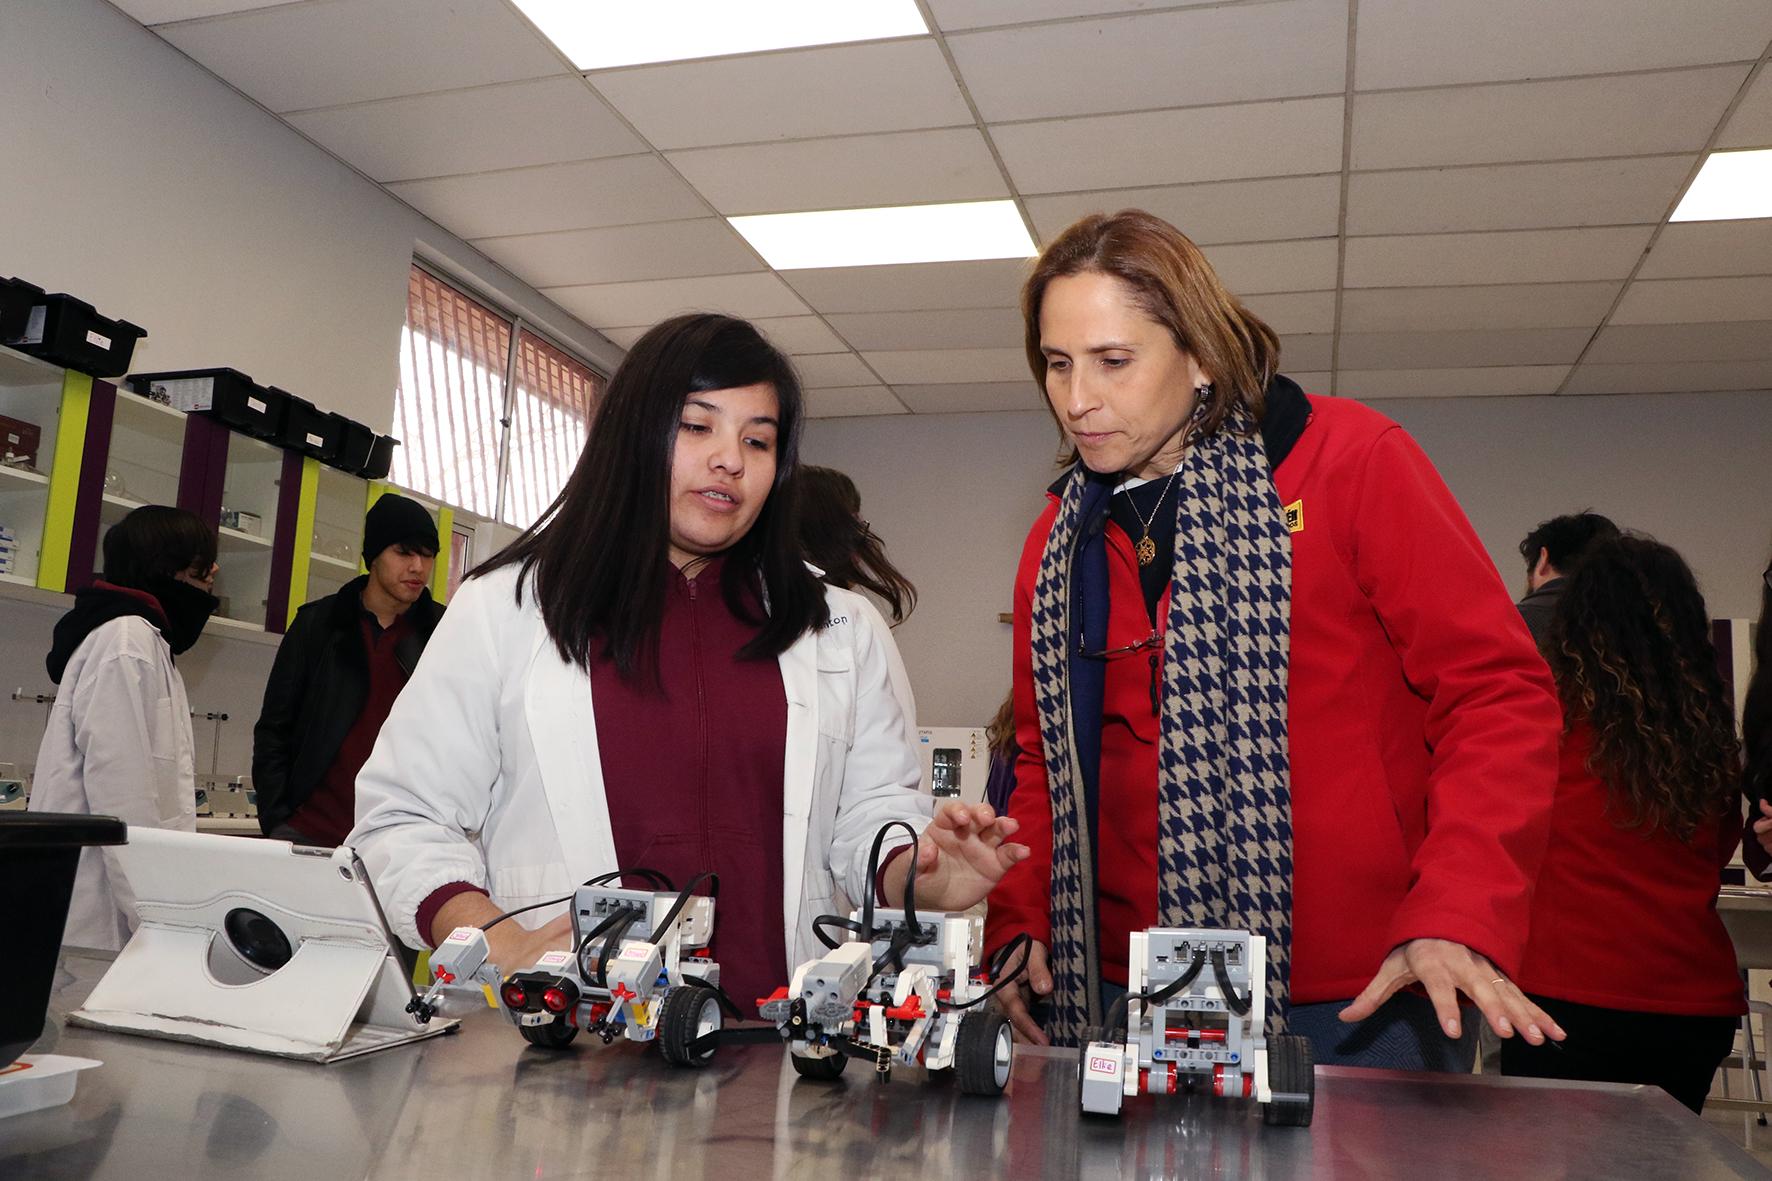 Laboratorio-de-Ciencias-Liceo-Antonio-Hermida-Fabres-30